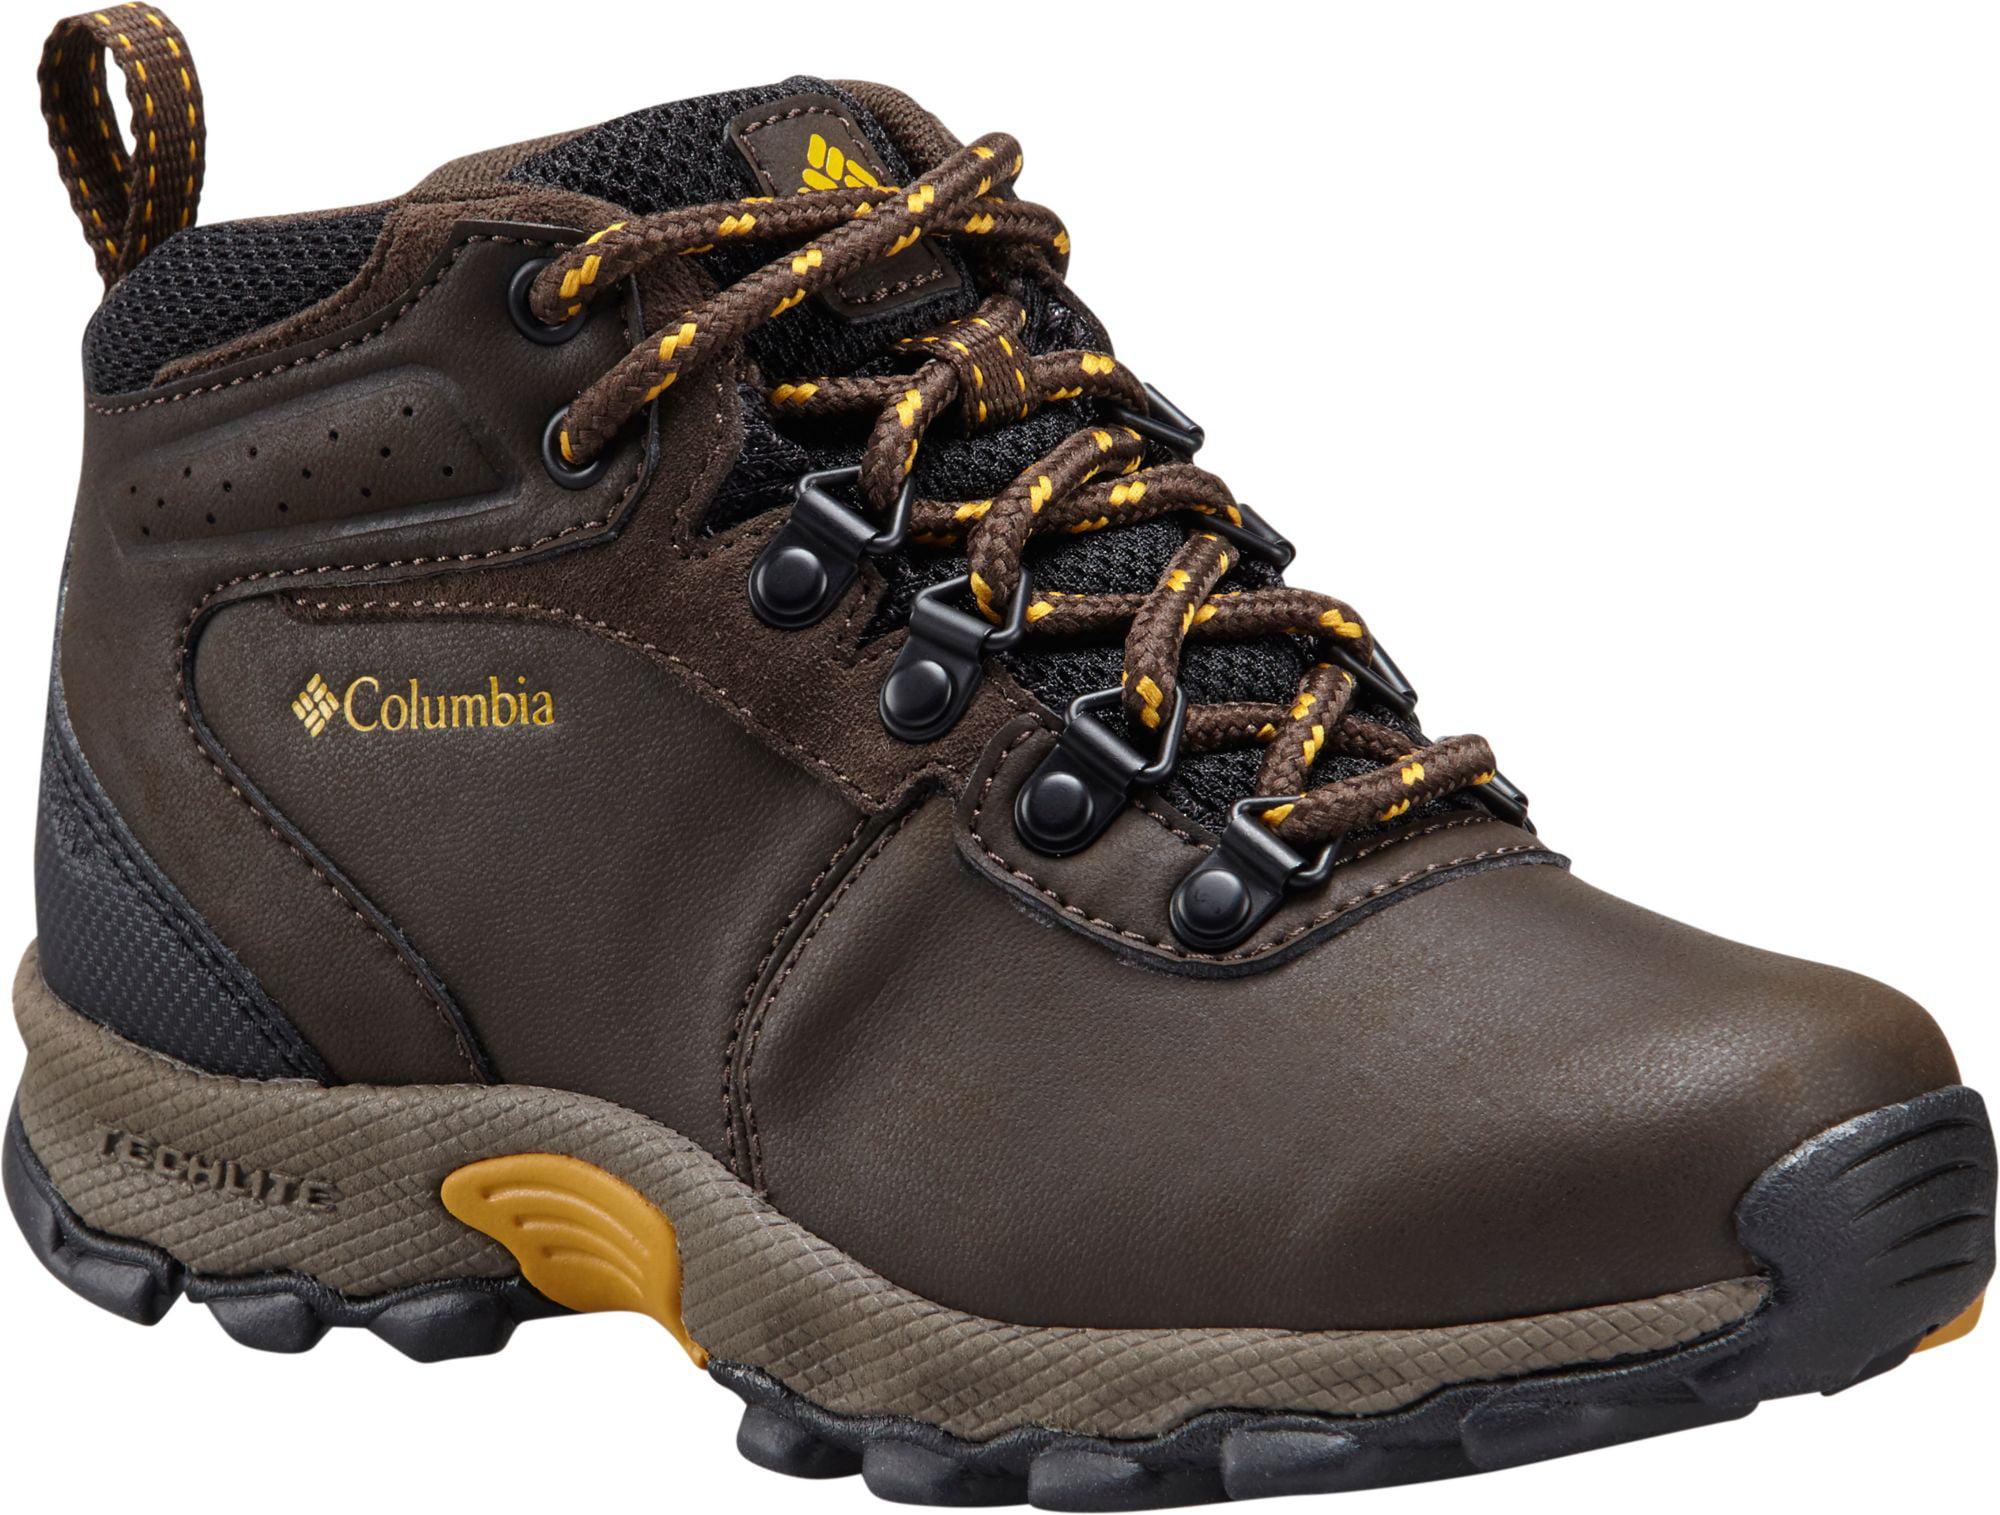 Columbia Footwear - Columbia B Youth